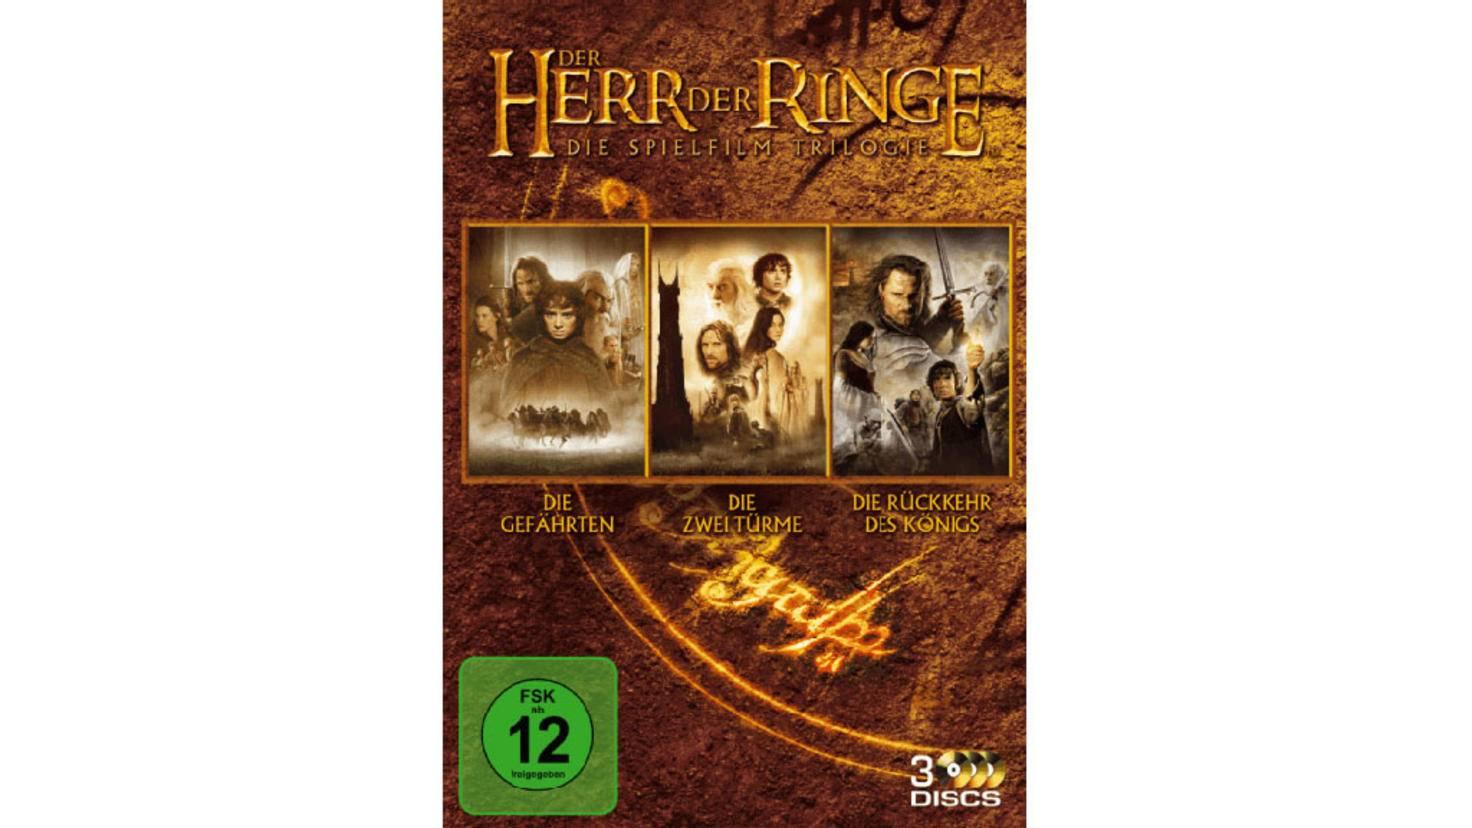 Herr-der-Ringe-DVD-Kino